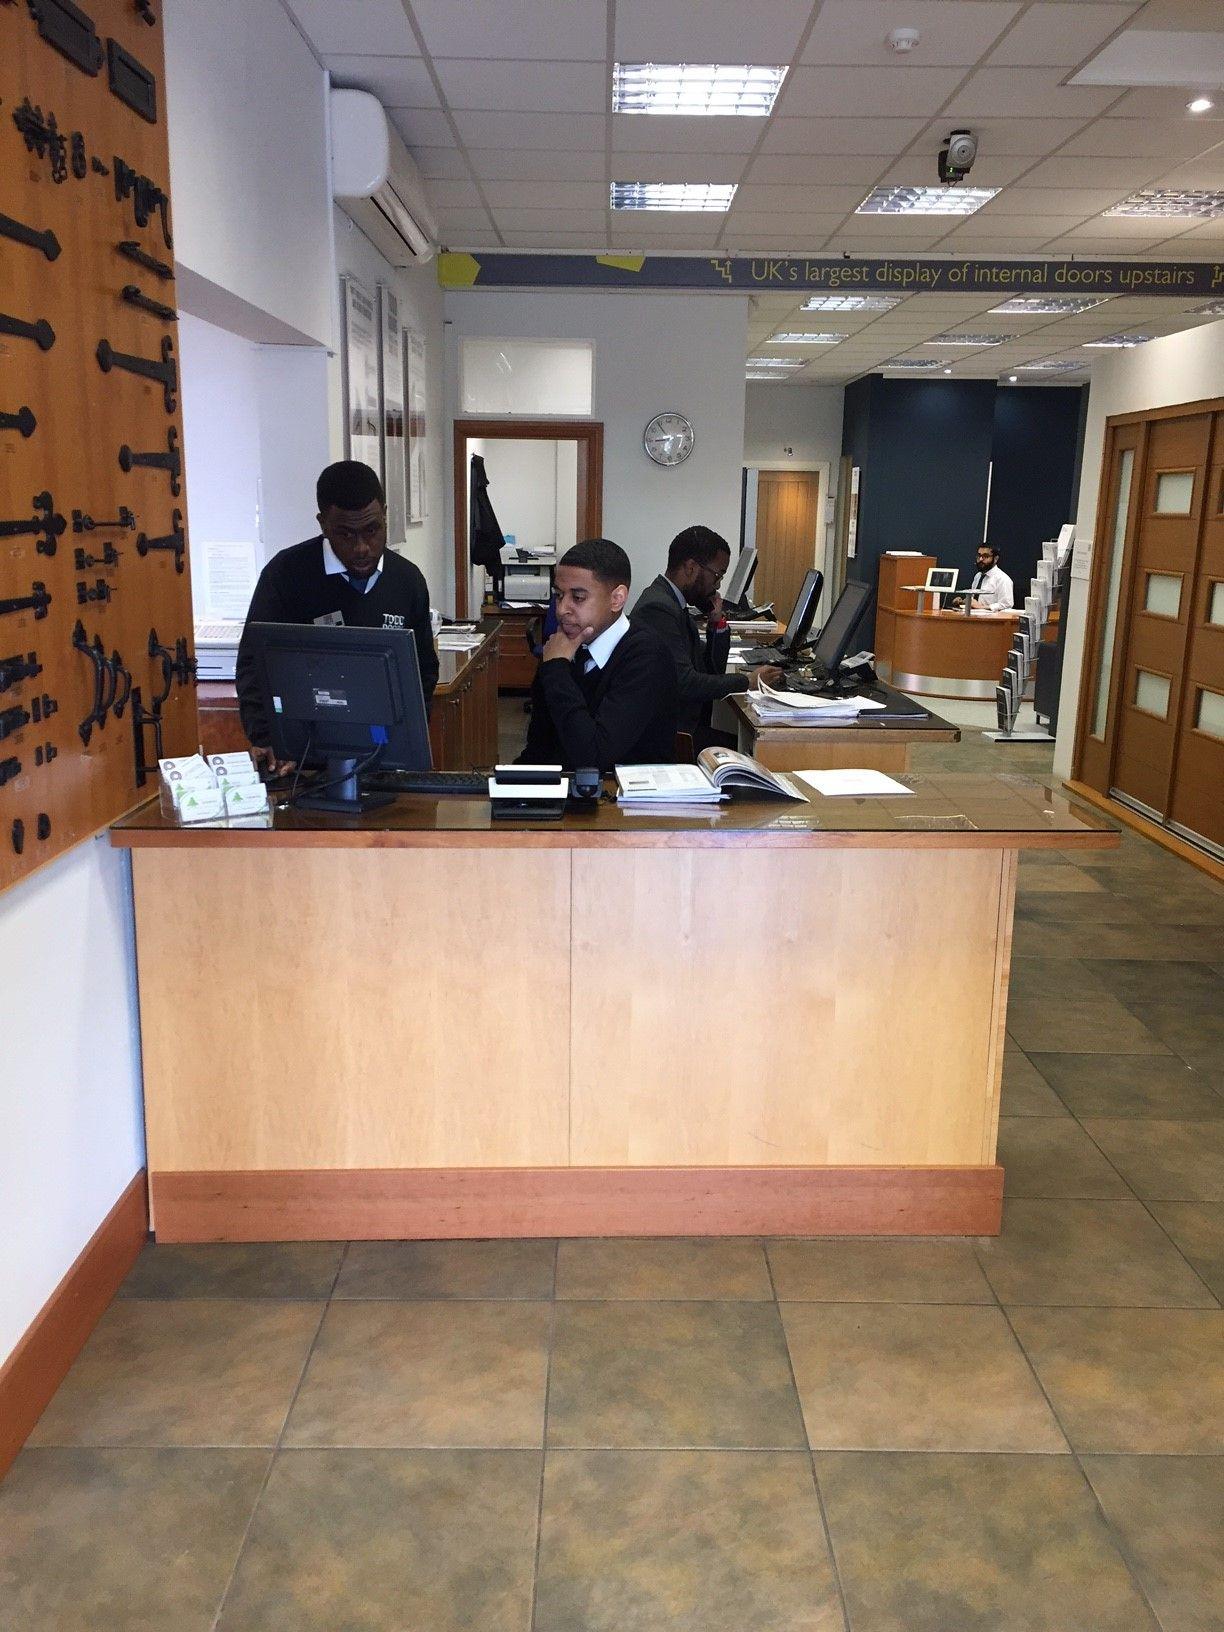 Todd Doors Showroom in Northolt. Come and speak to our excellent Door Experts. & Todd Doors Showroom in Northolt. Come and speak to our excellent ... Pezcame.Com